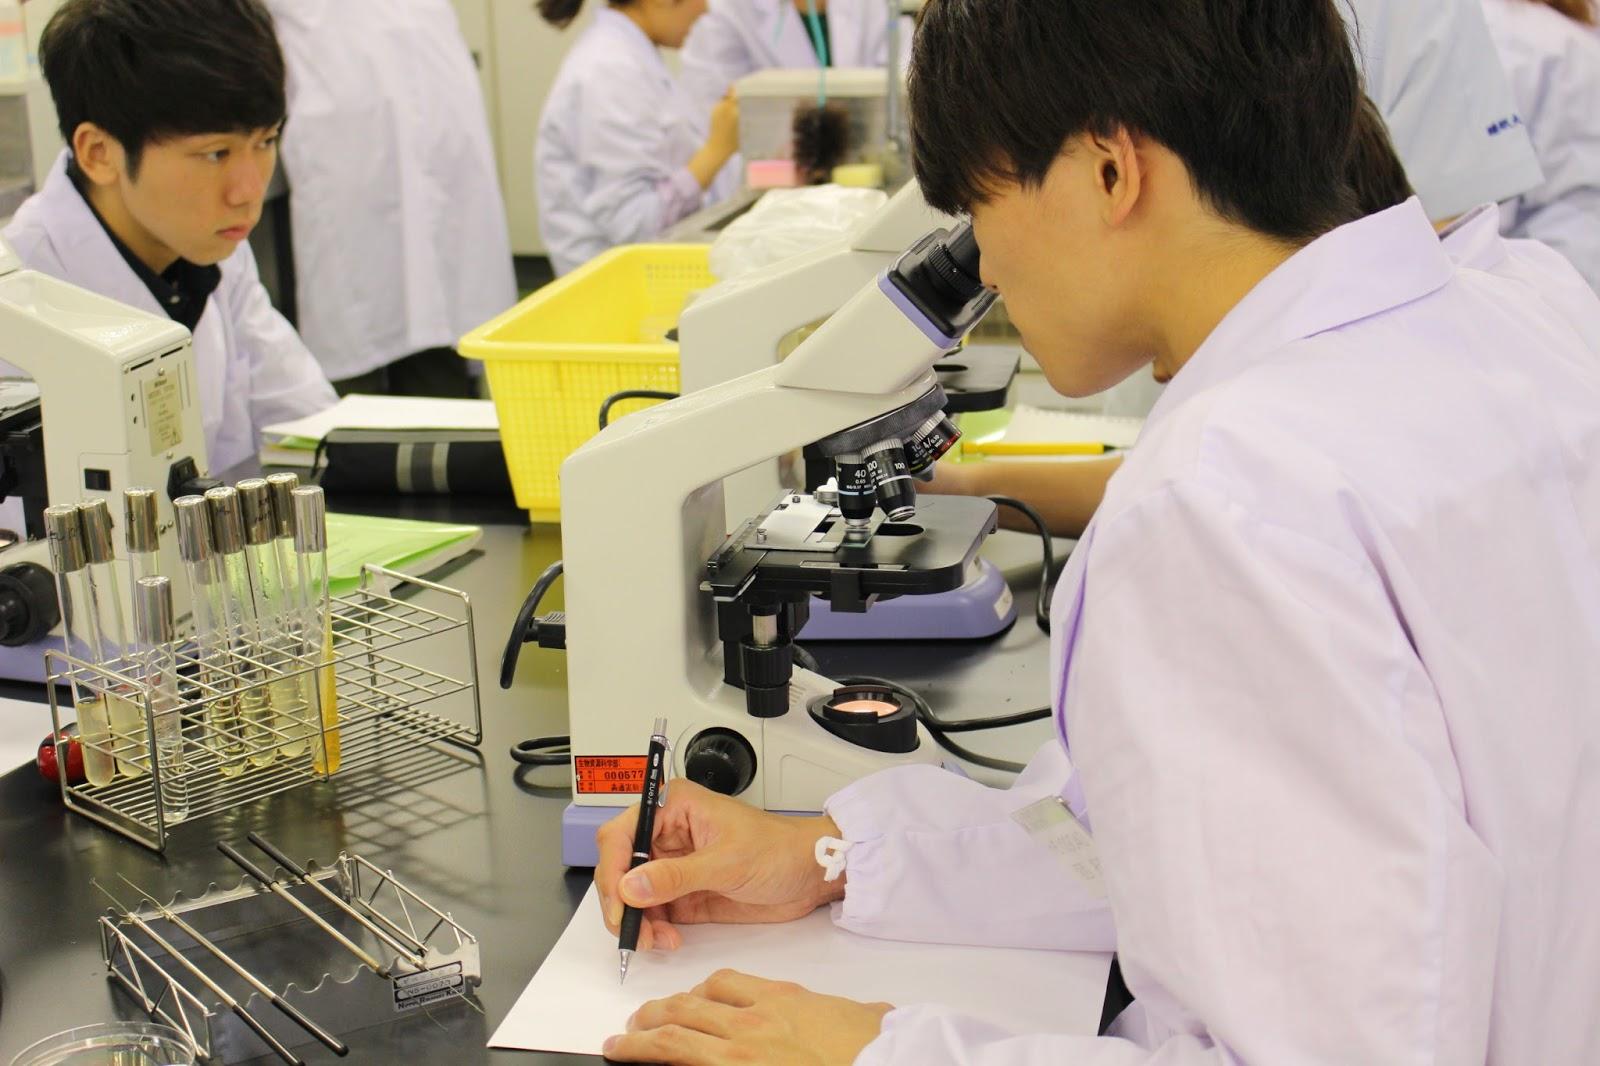 日本大学 生物資源科学部 食品生命学科 ニュース